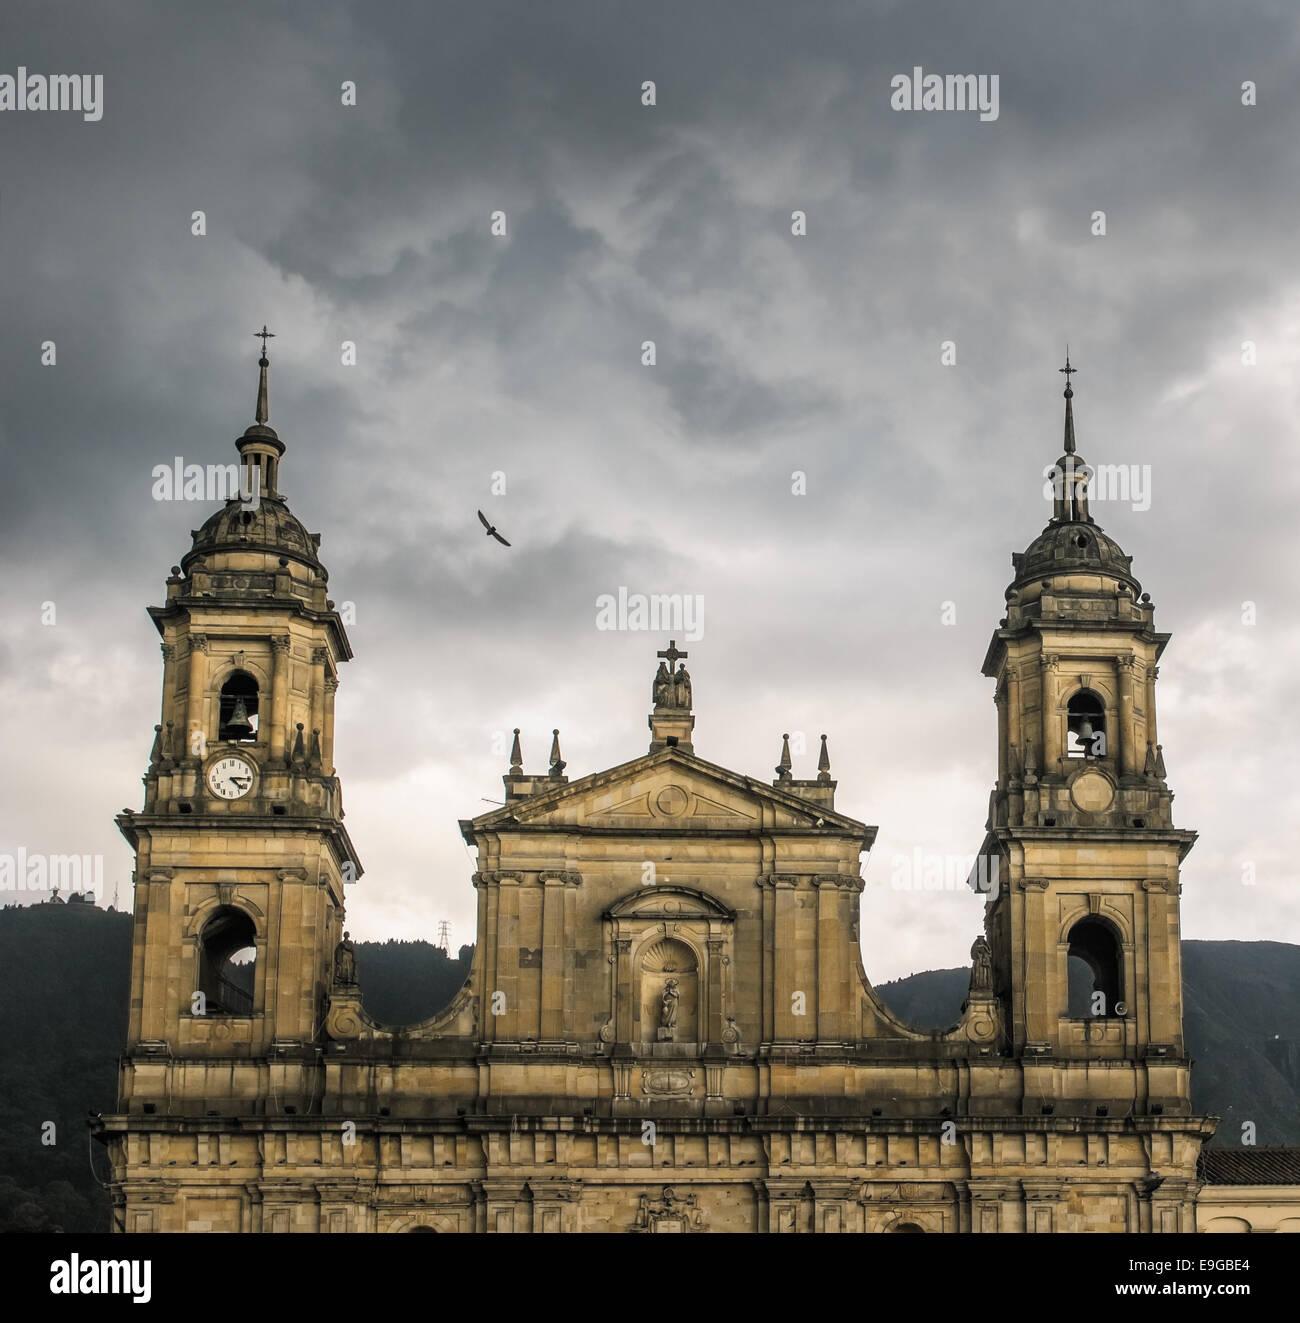 La Catedral Primada, Bogotá, Colombia Imagen De Stock